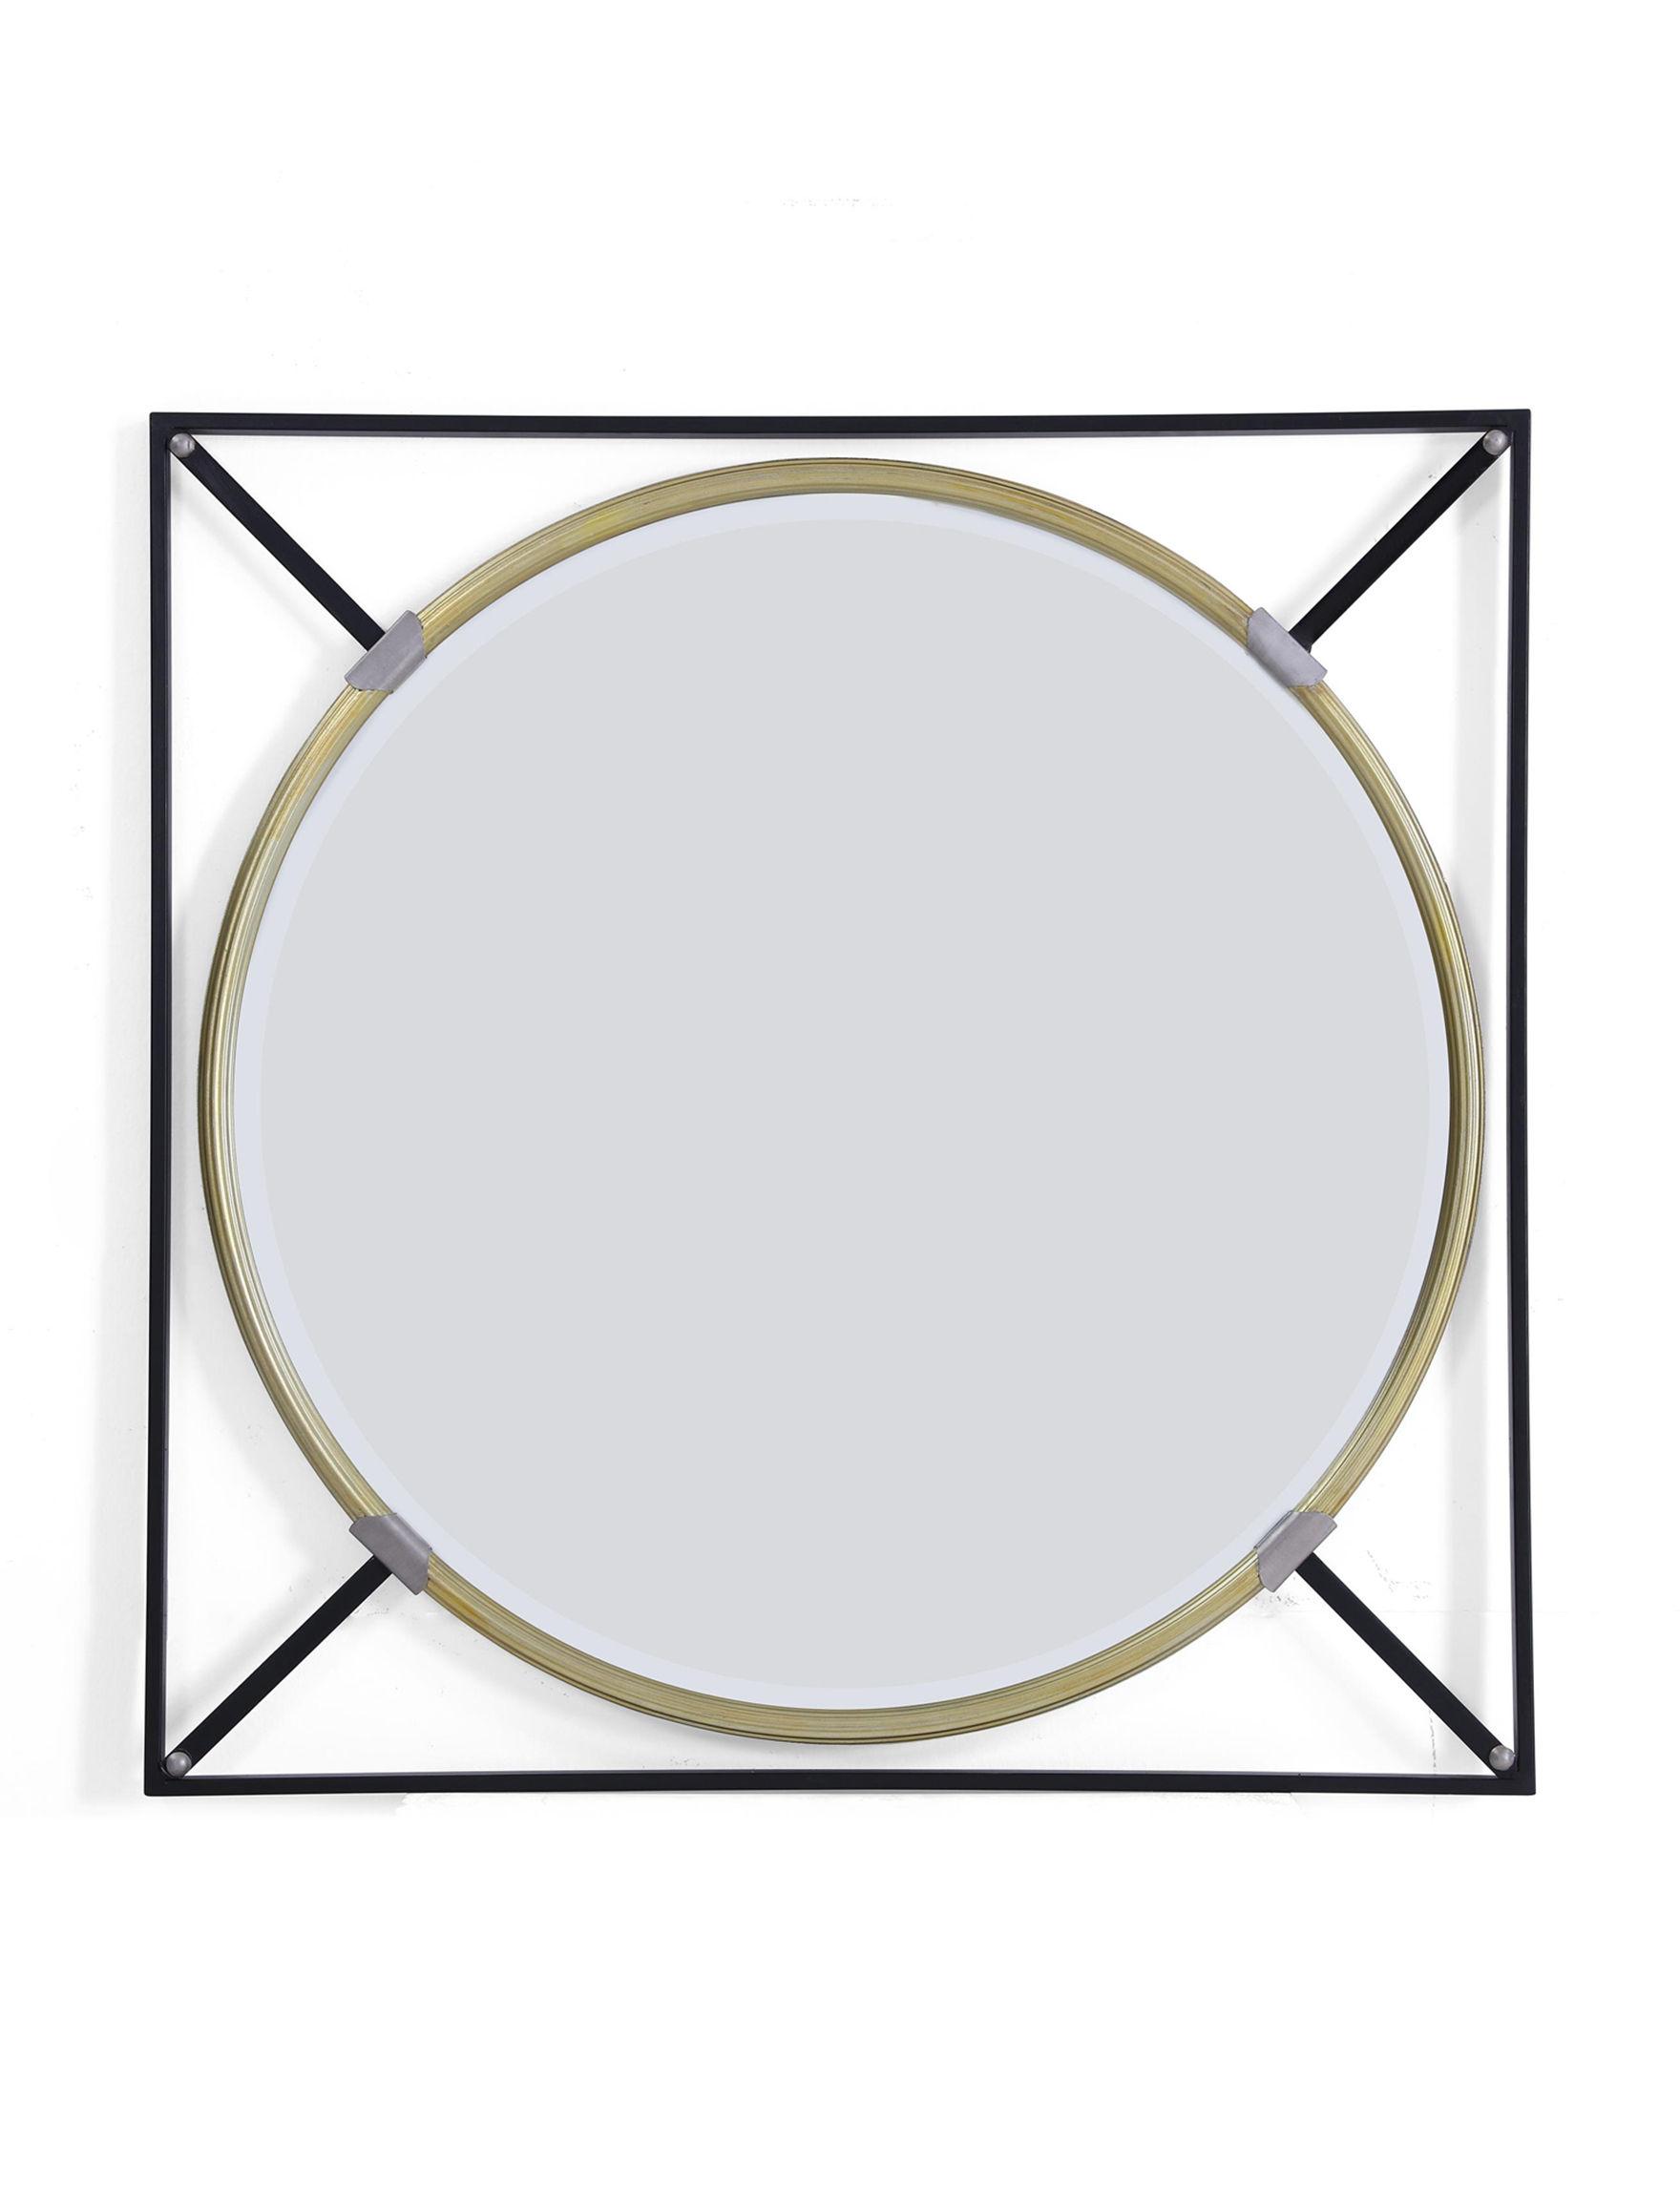 Southern Enterprises  Mirrors Wall Decor